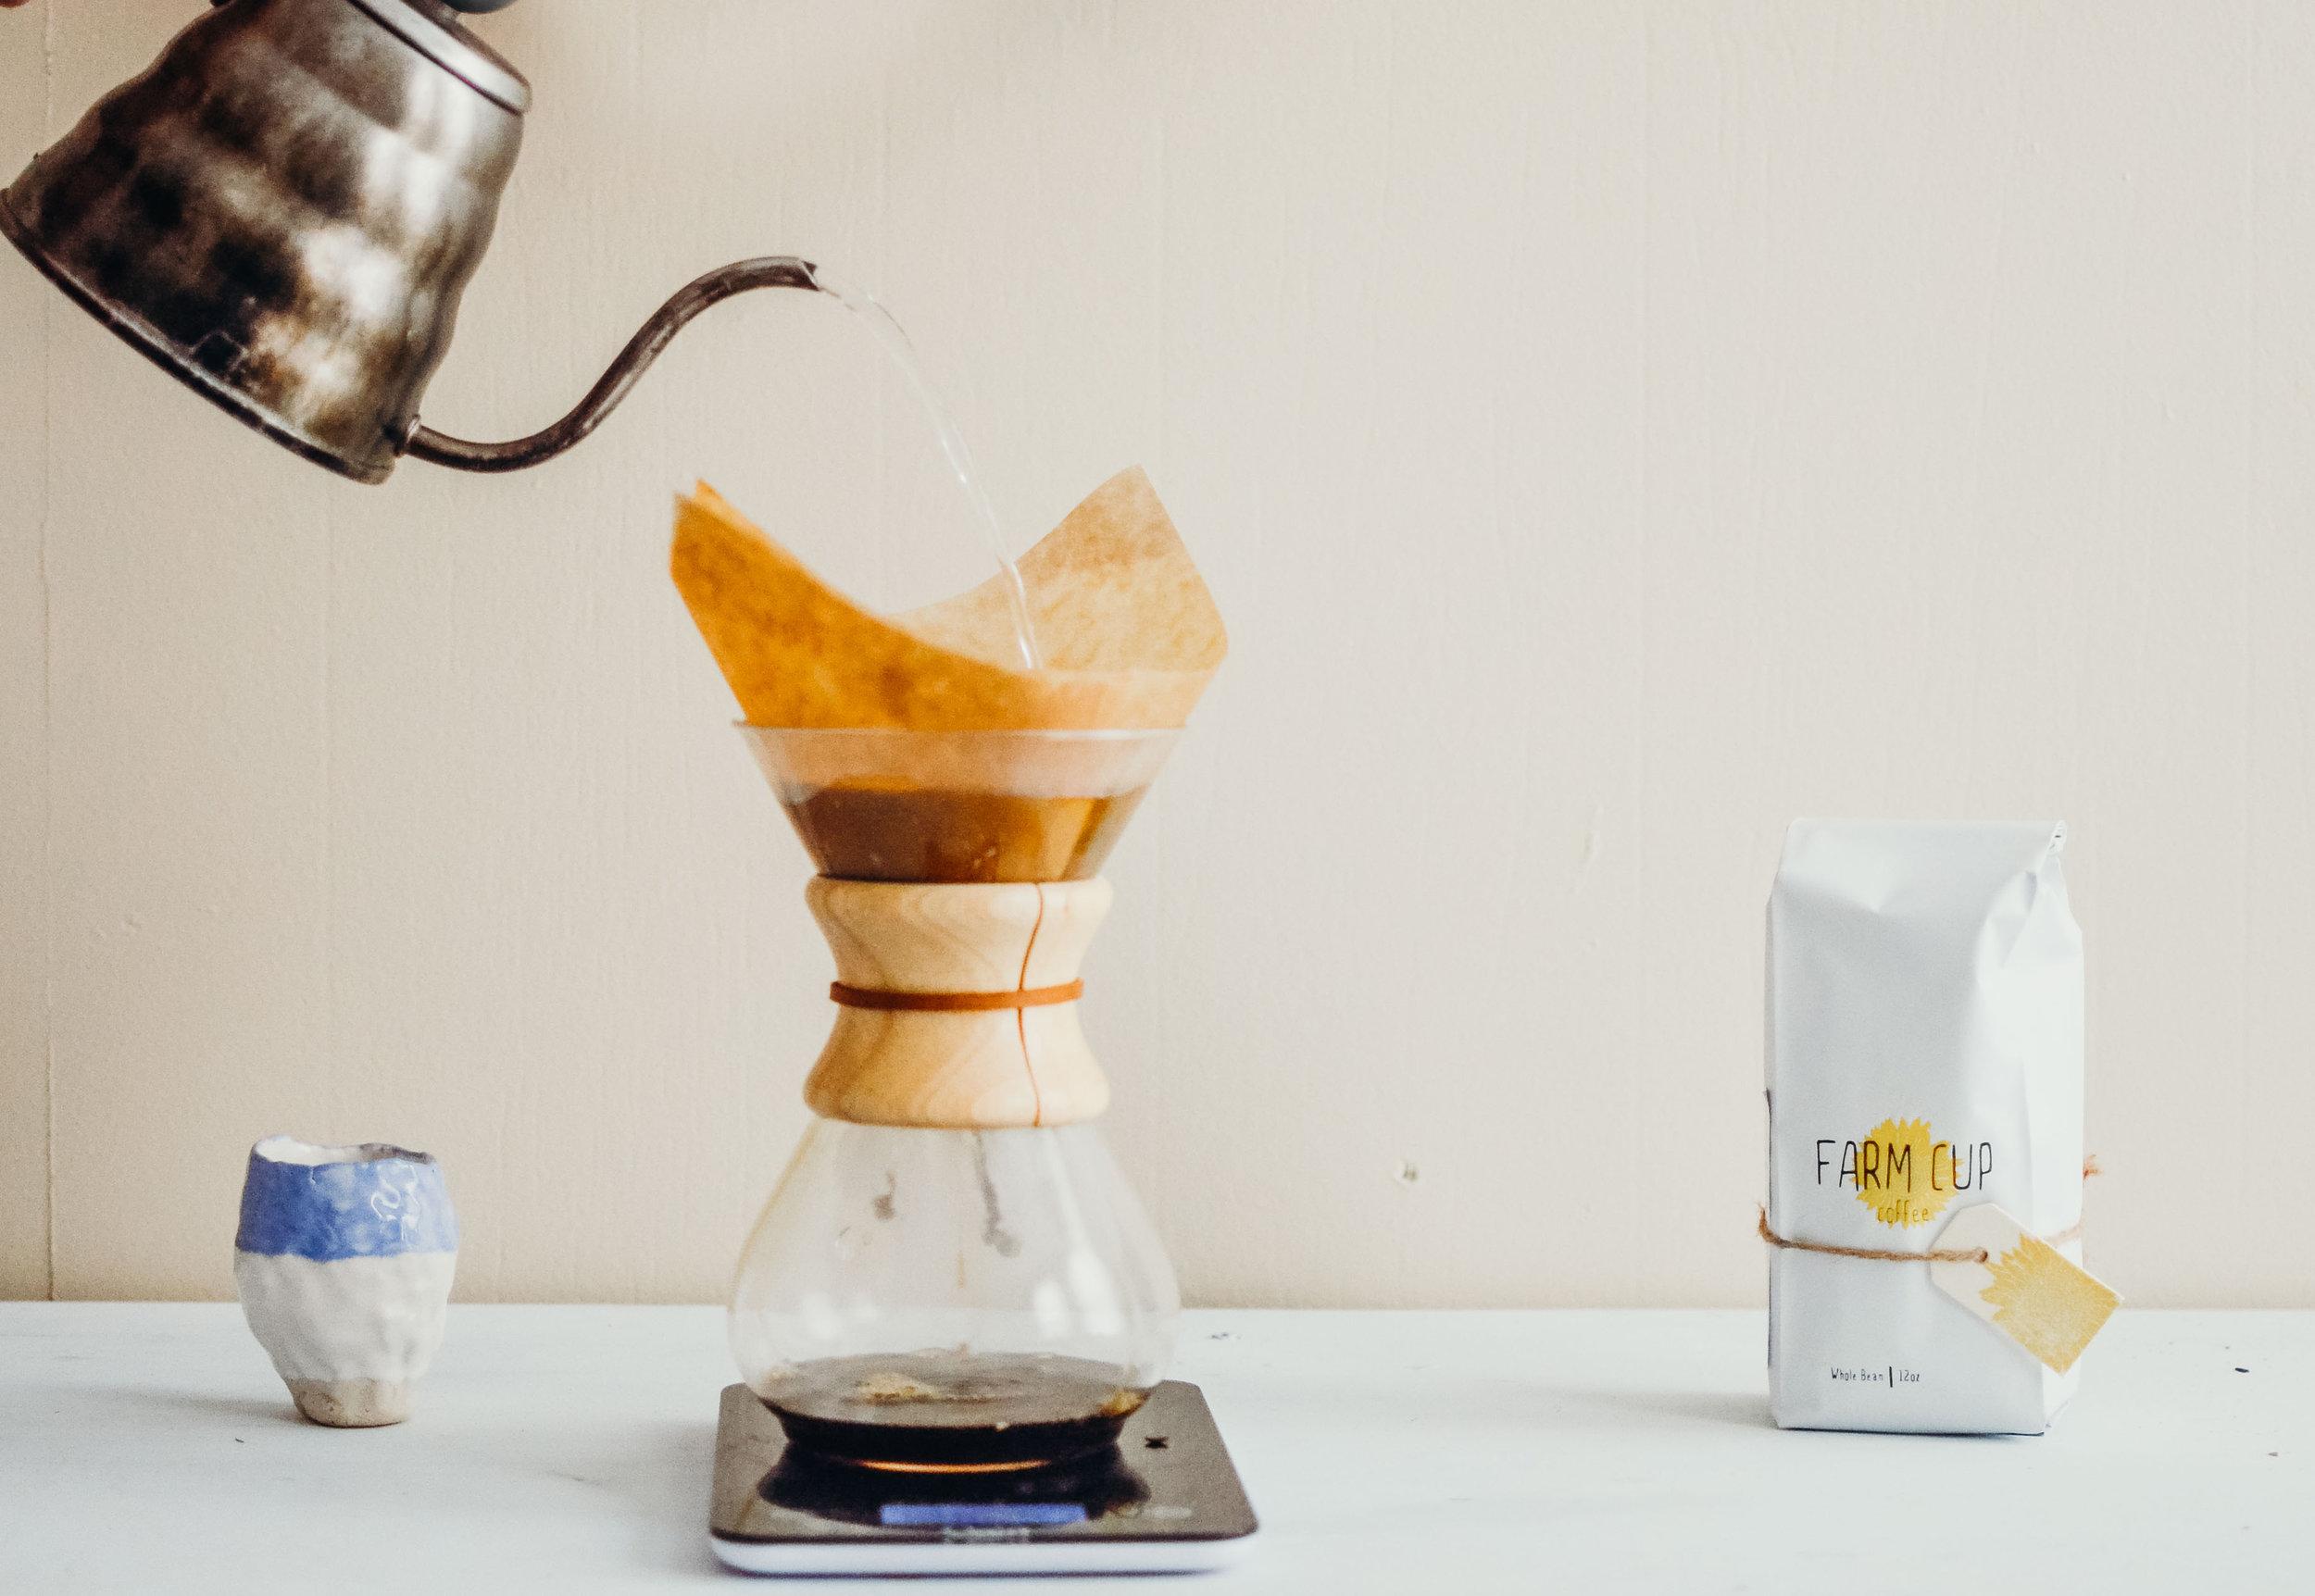 Wendling_Boyd_Farm_Cup_Coffee_Coffee_Culture-7 copy.jpg